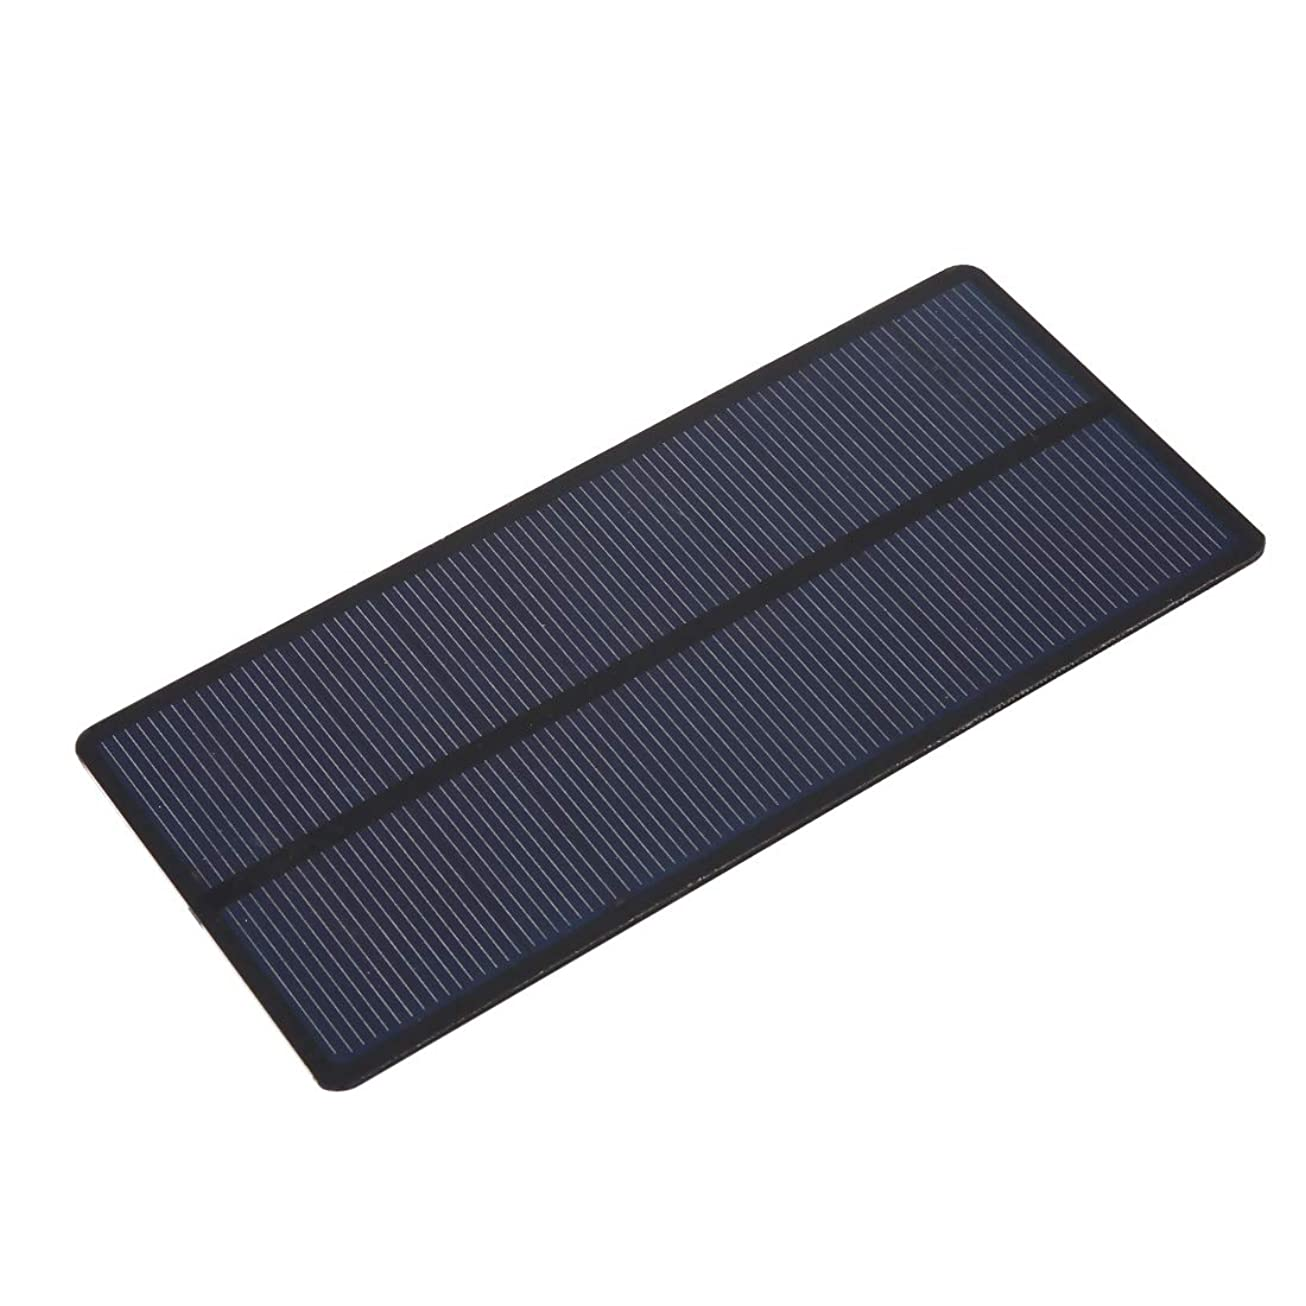 サイトライン伝説シンプルなソーラーパネル 5V 1.4W 280mAh DIYサンパワーバッテリーソーラーパネルモジュールセル、サイズ:150 X 69mm